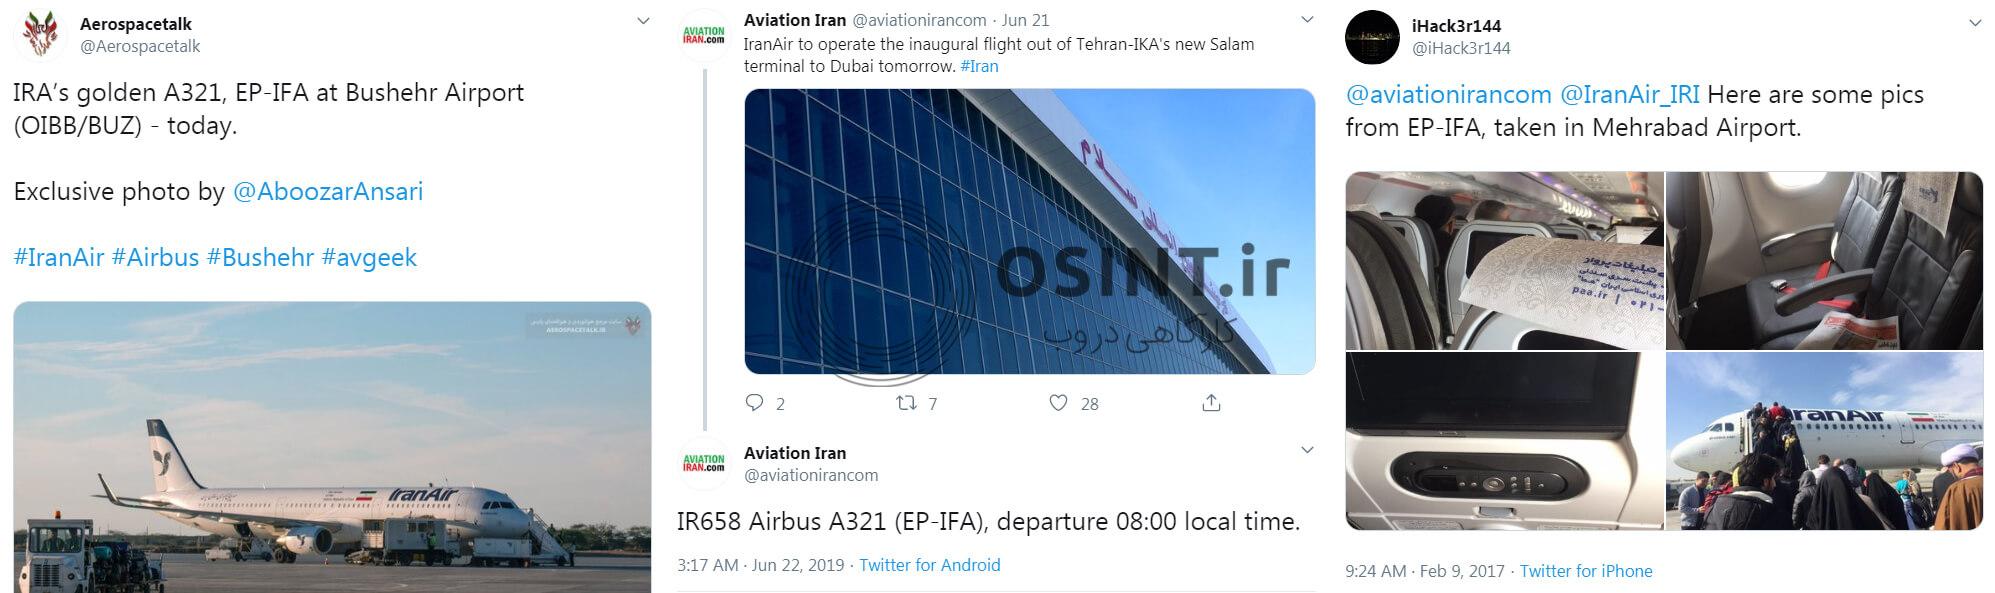 رهگیری هواپیما از طریق توییتر